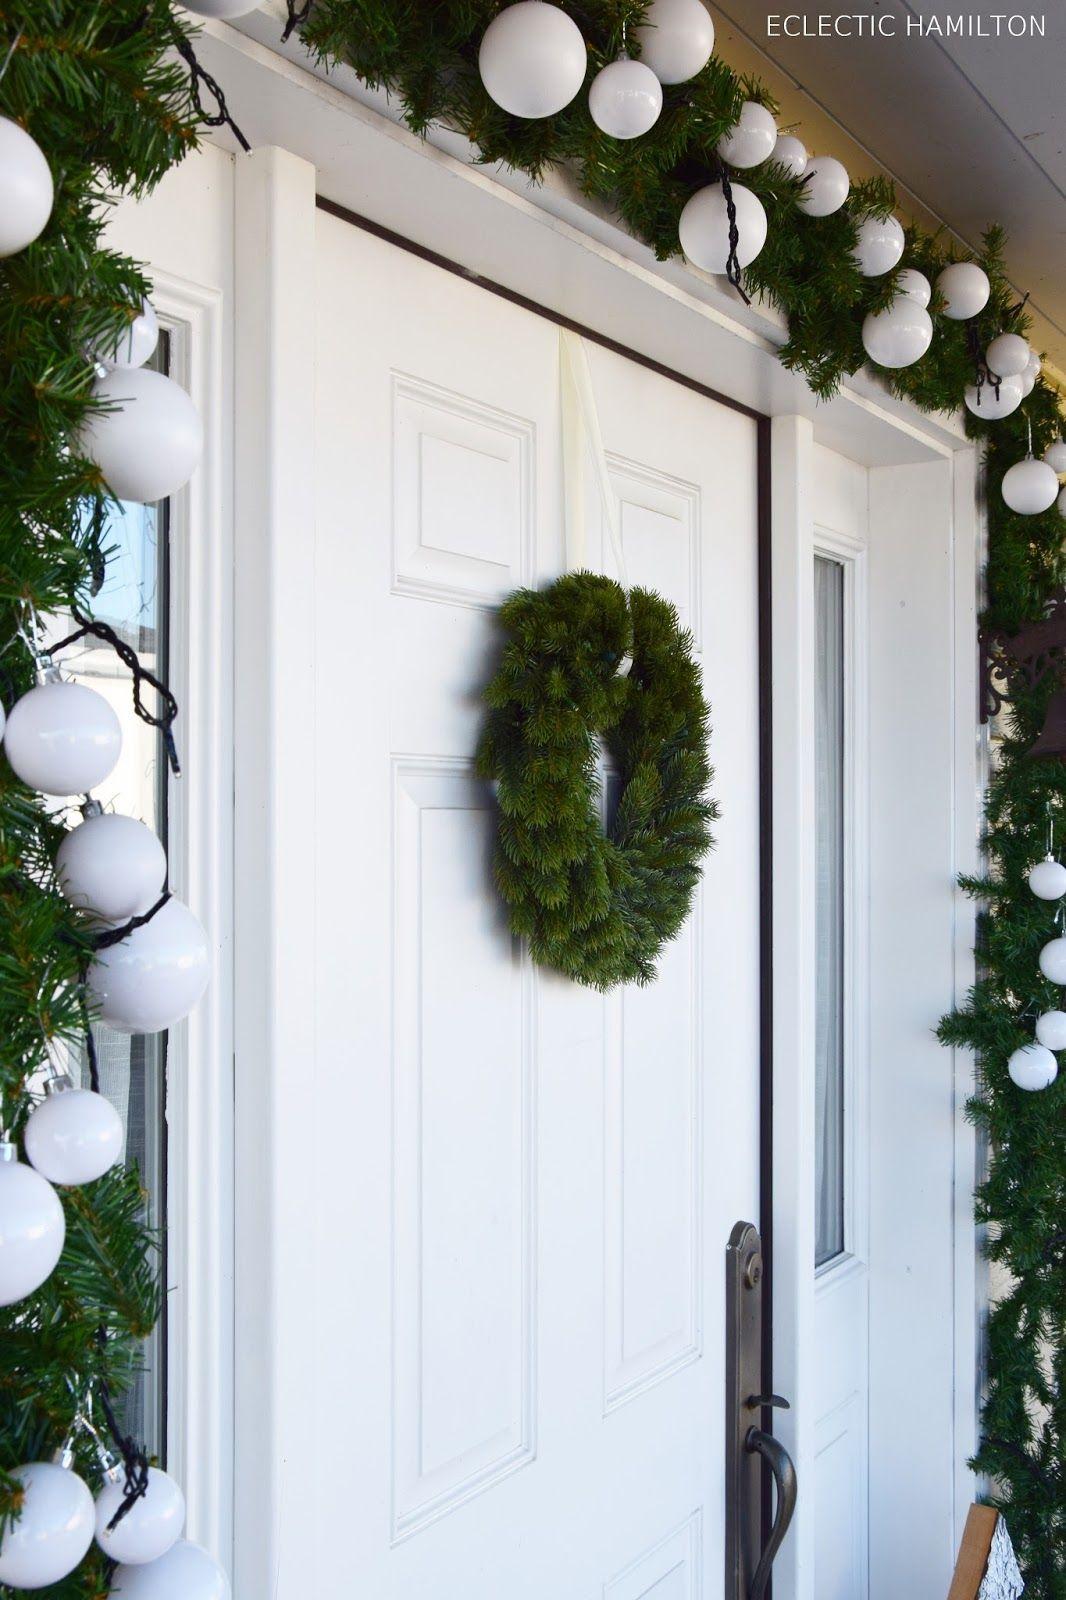 Haustür Deko Weihnachten Idee Mit Tannengirlande Und